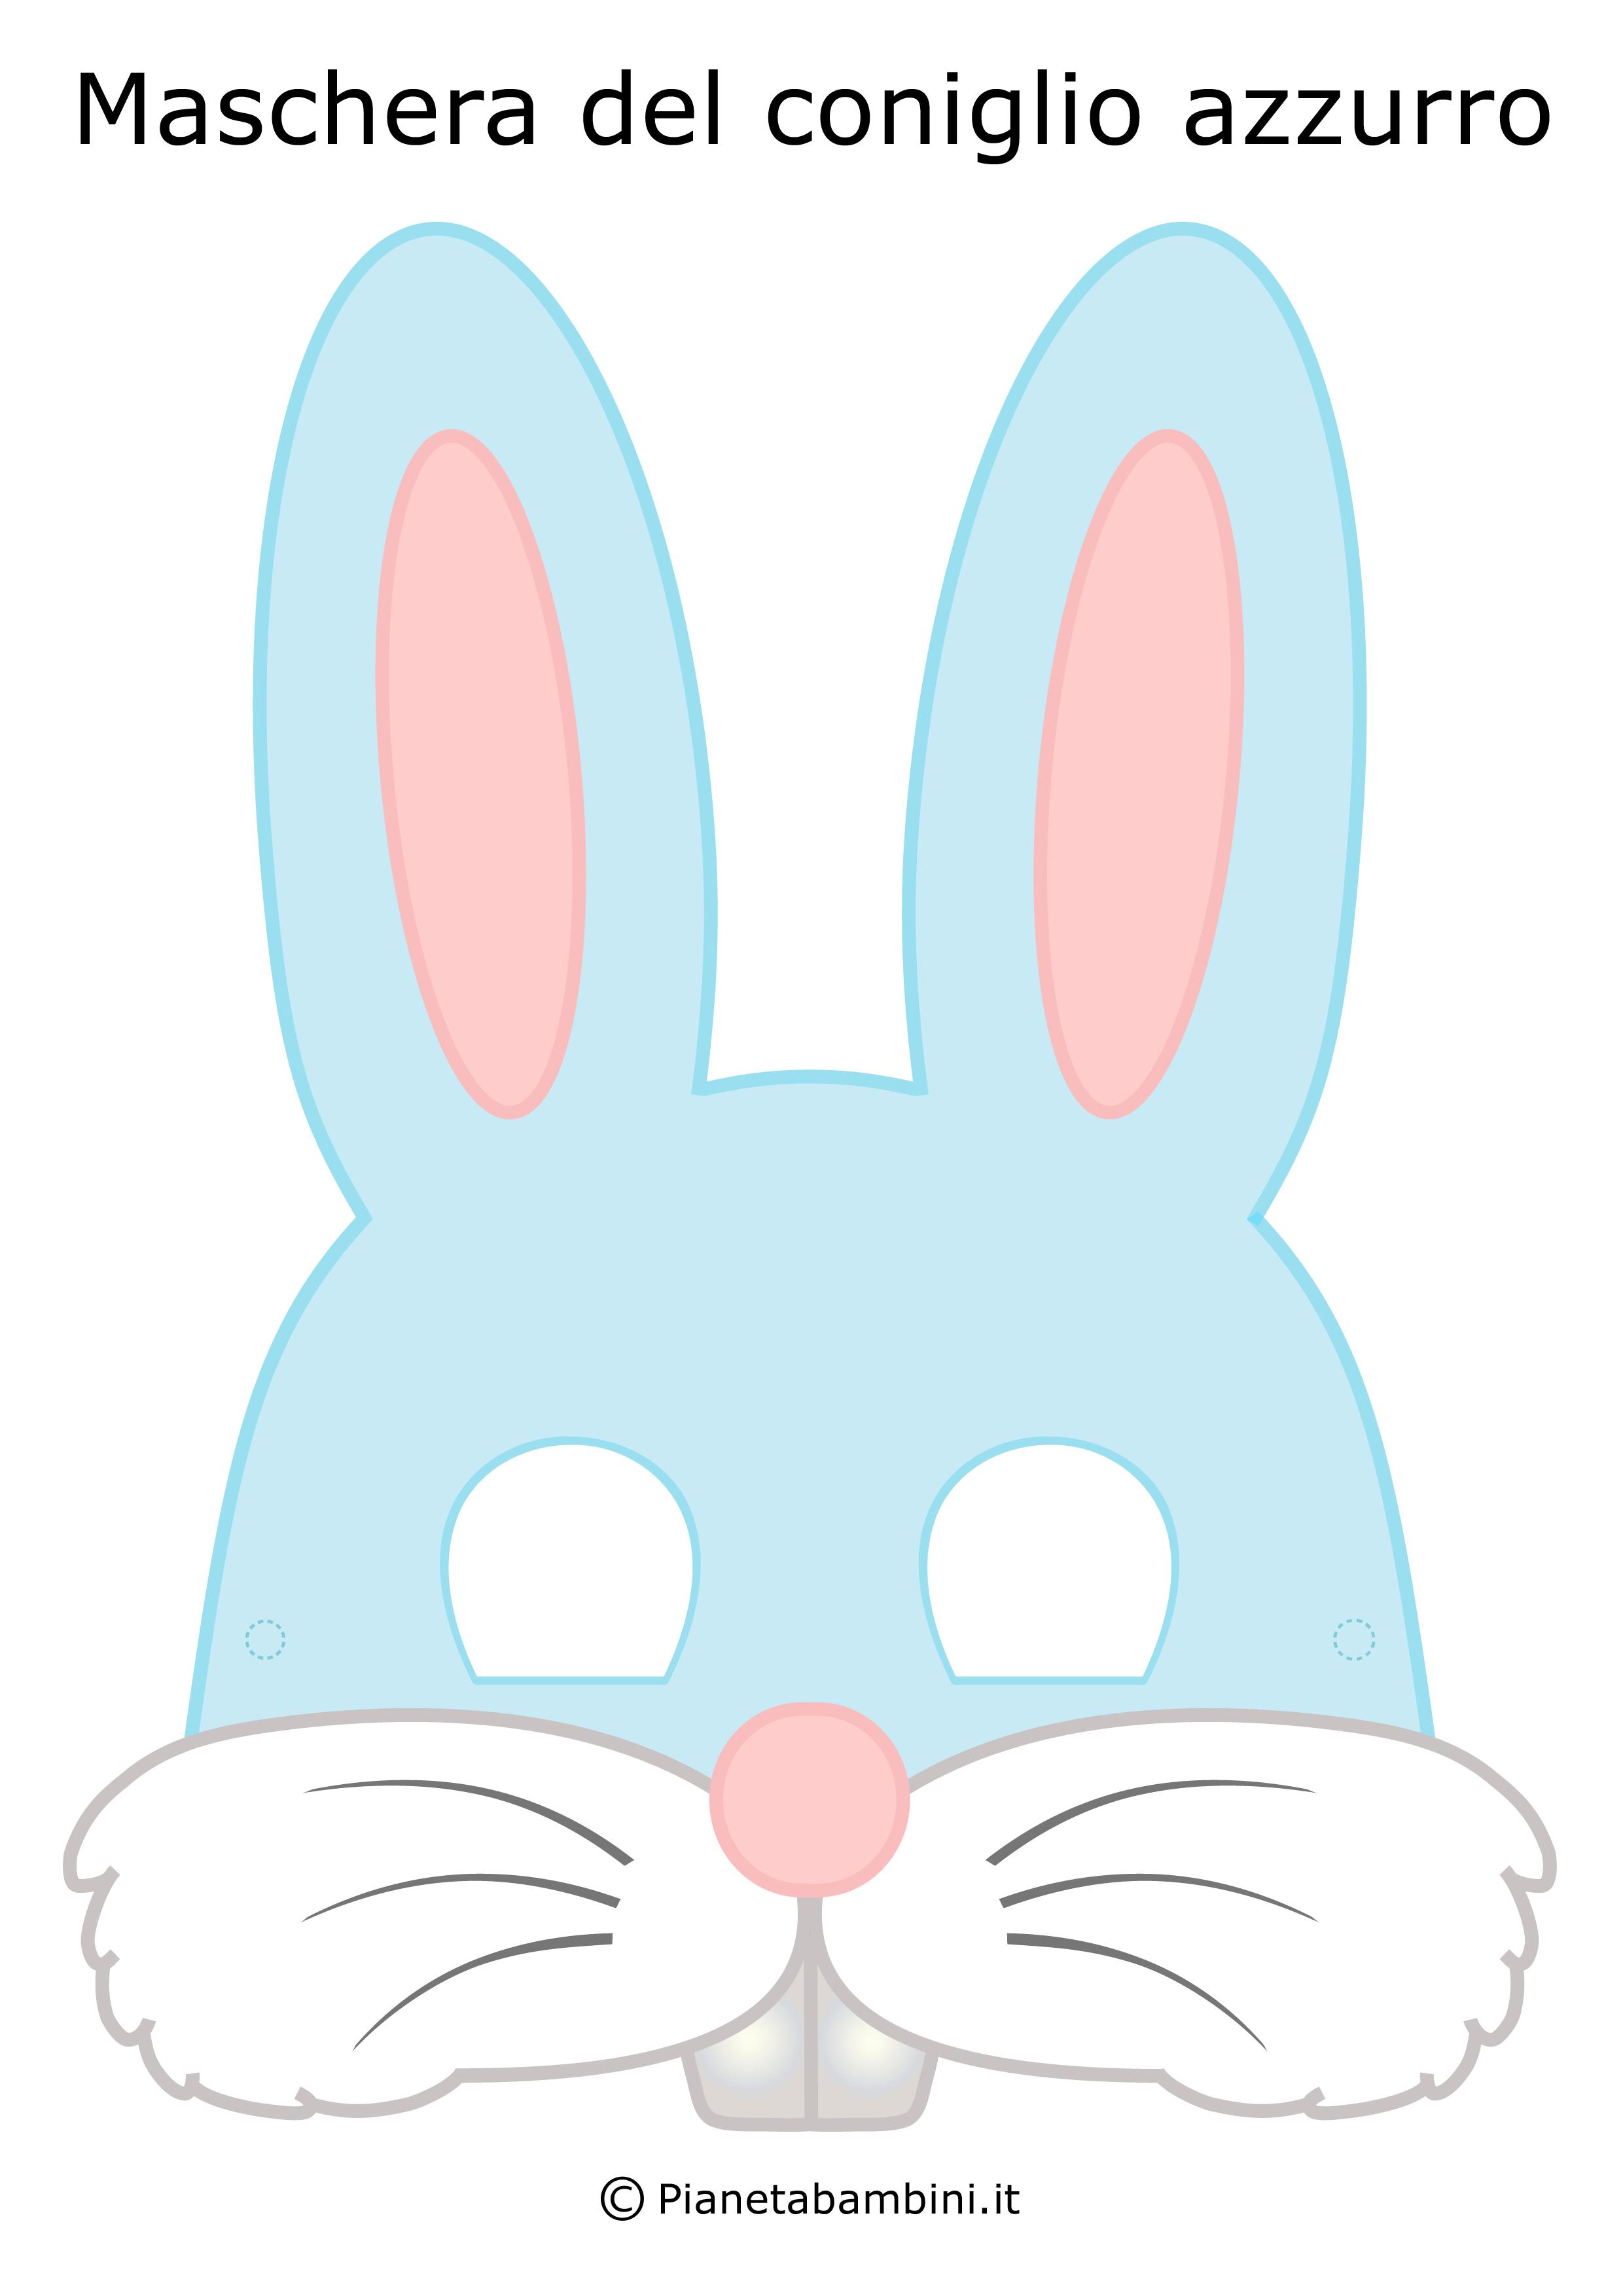 Immagine della maschera del coniglio azzurro